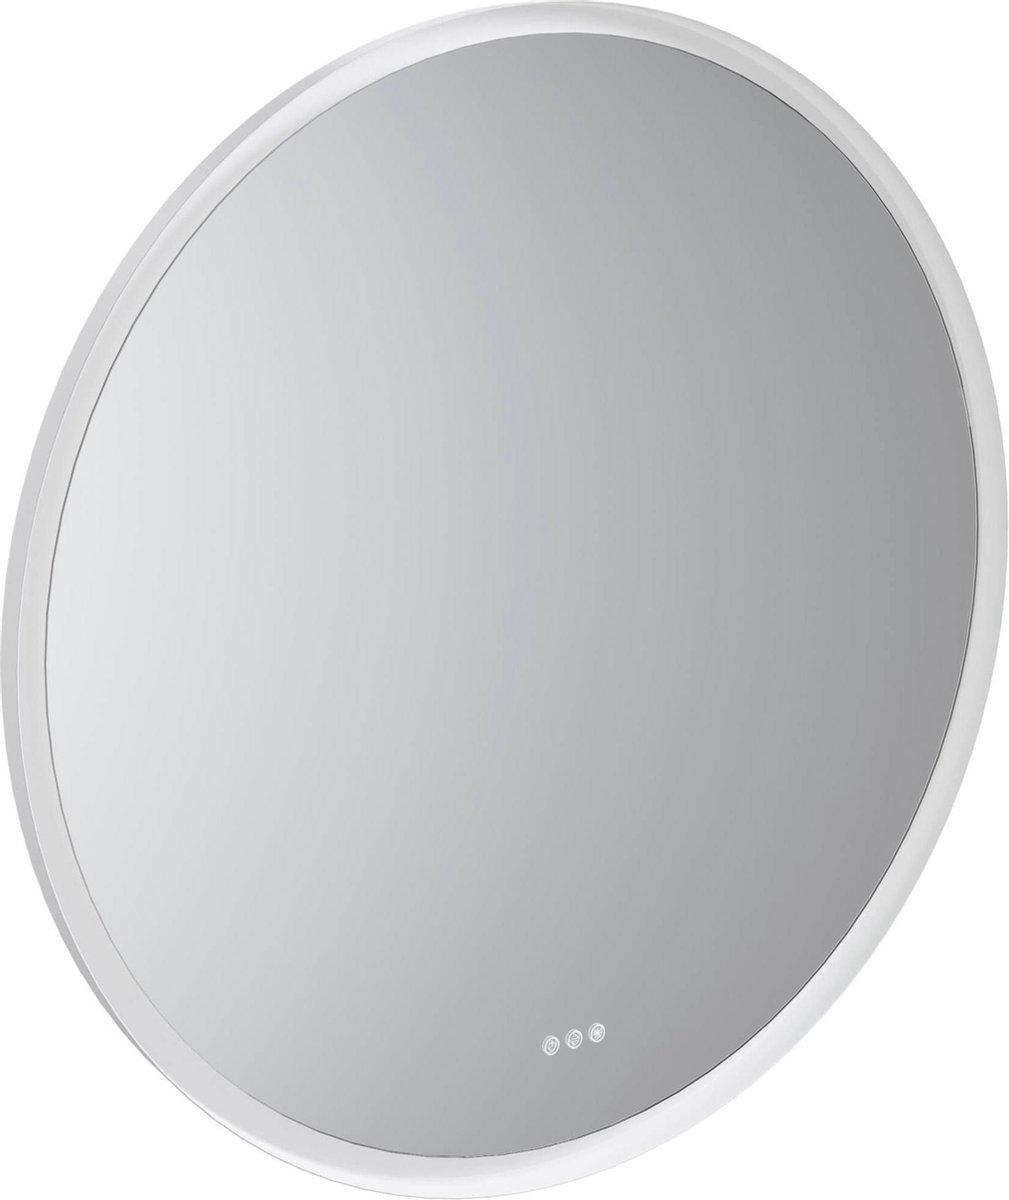 Nancy's Globe Ronde trendy spiegel met indirecte verlichting - Touch schakelaar - Dim & lichtkleur aanpassen - Spiegels boven wastafel - Ø 110 cm - Wit